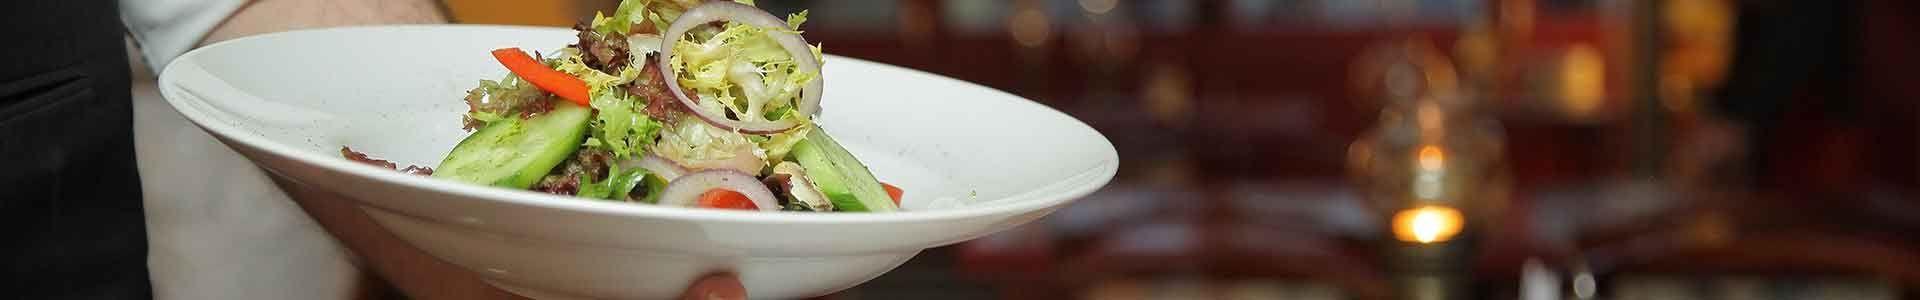 Effectieve manieren om meer omzet te krijgen voor jouw restaurant met digital marketing